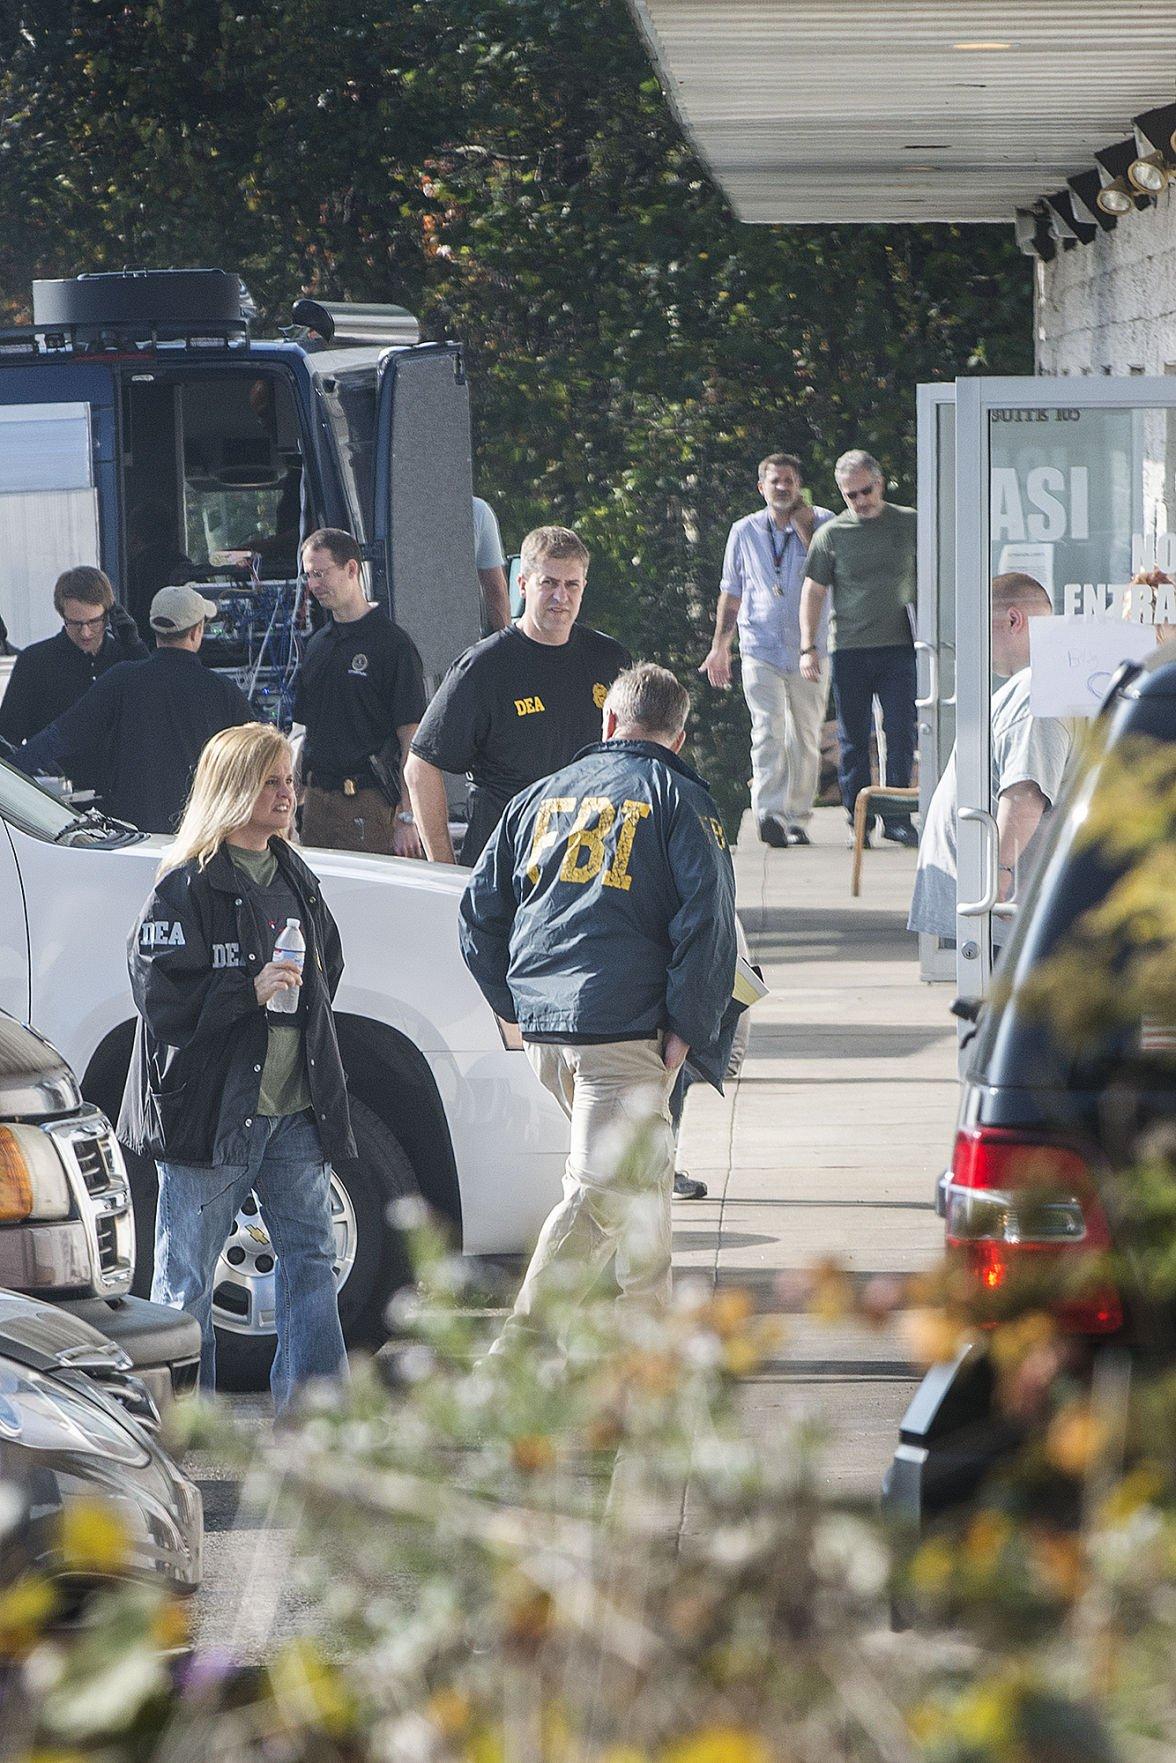 Addiciton Specialists Inc. the focus of FBI investigation